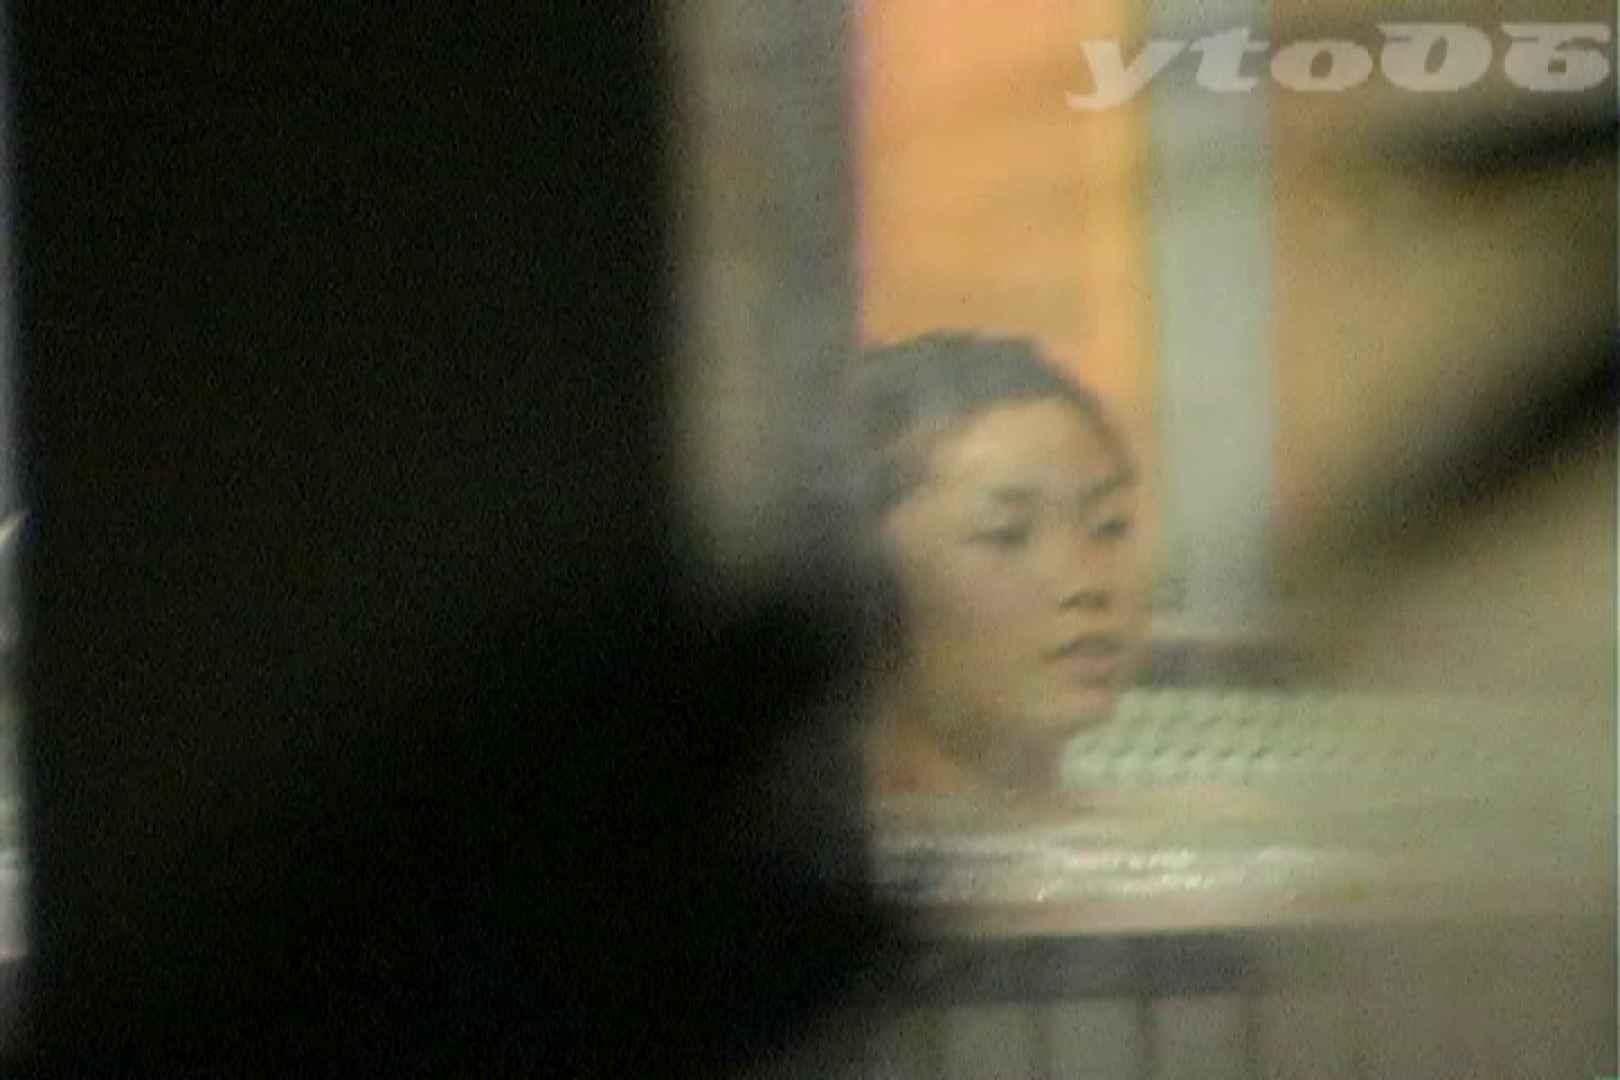 ▲復活限定▲合宿ホテル女風呂盗撮 Vol.36 色っぽいOL達 スケベ動画紹介 70pic 14